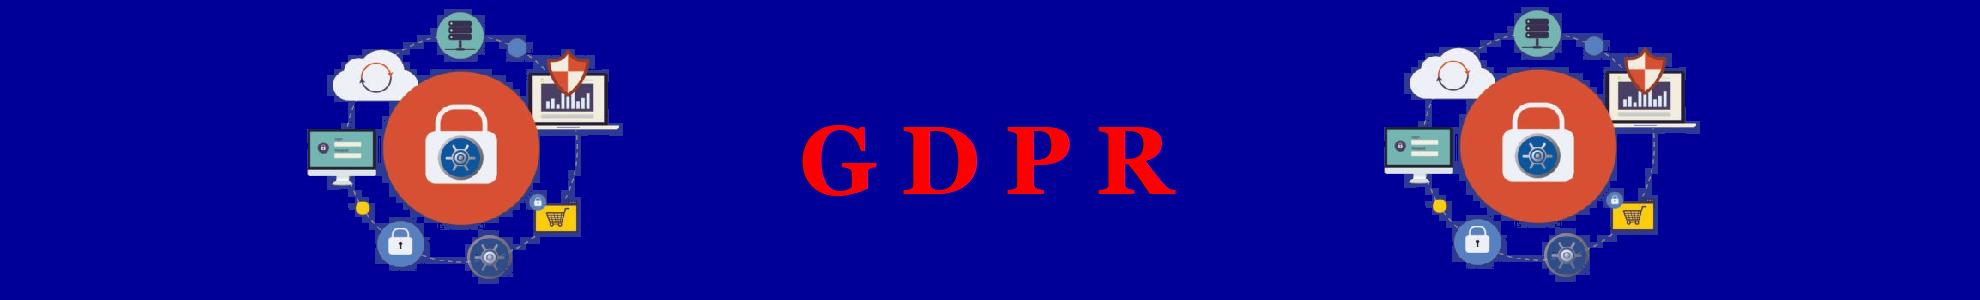 Servizi GDPR della DPPRO